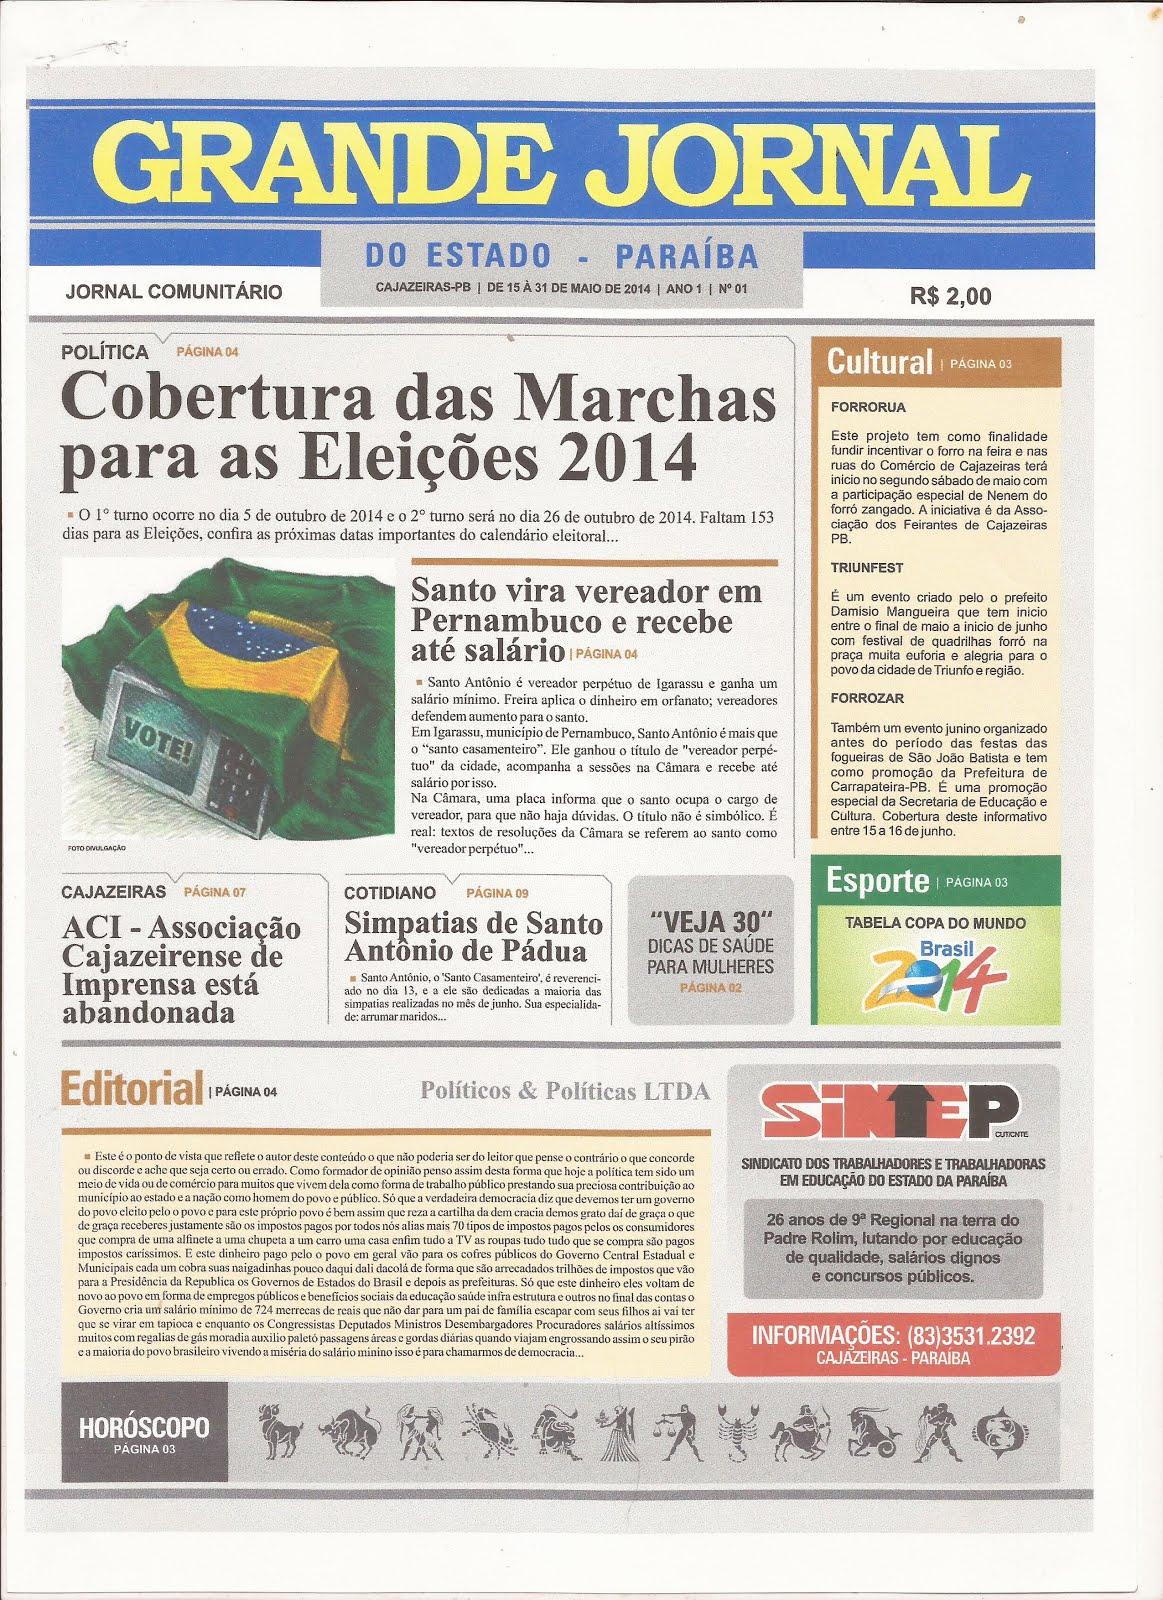 GRANDE JORNAL UMA DAS NOSSAS PUBLICAÇÕES  NA COBERTURA DAS ELEIÇÕES